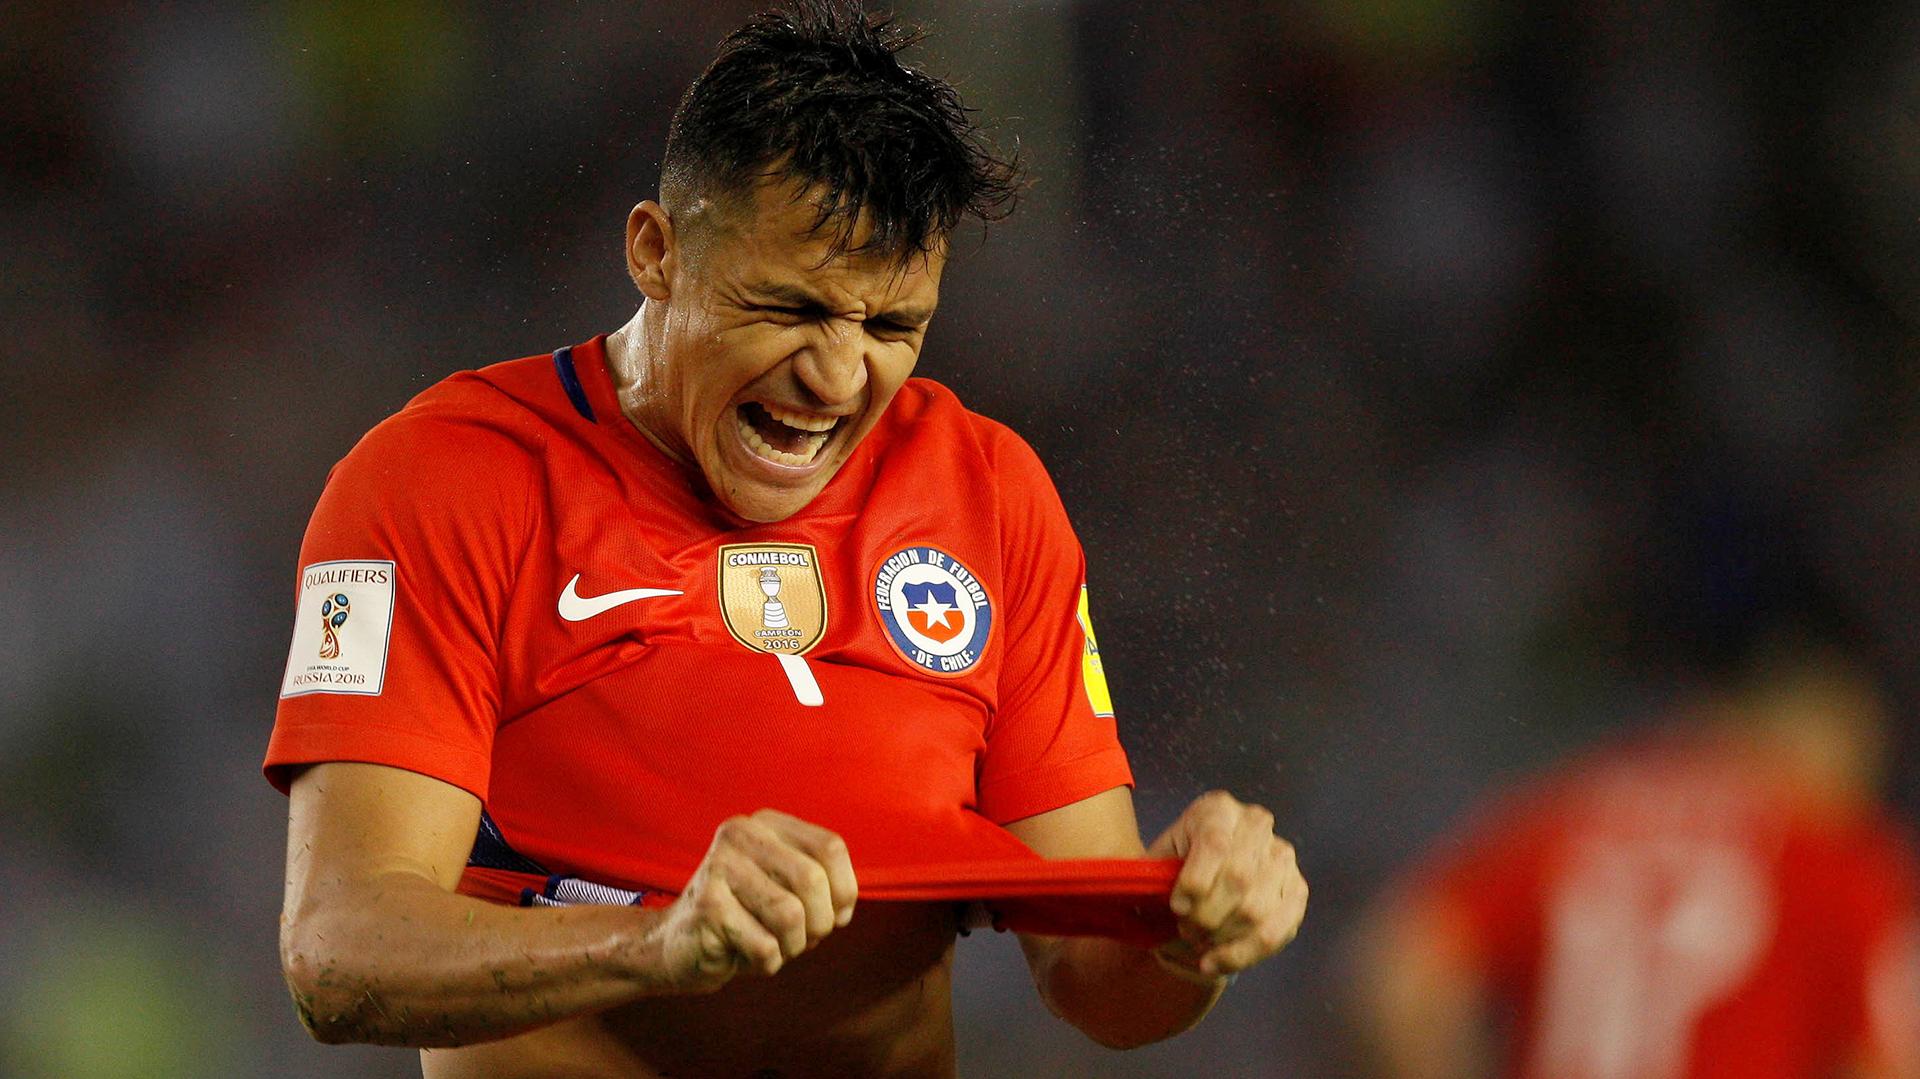 Alexis Sánchez no pasa por su mejor momento debido a una lesión en la rodilla (Foto: Reuters)